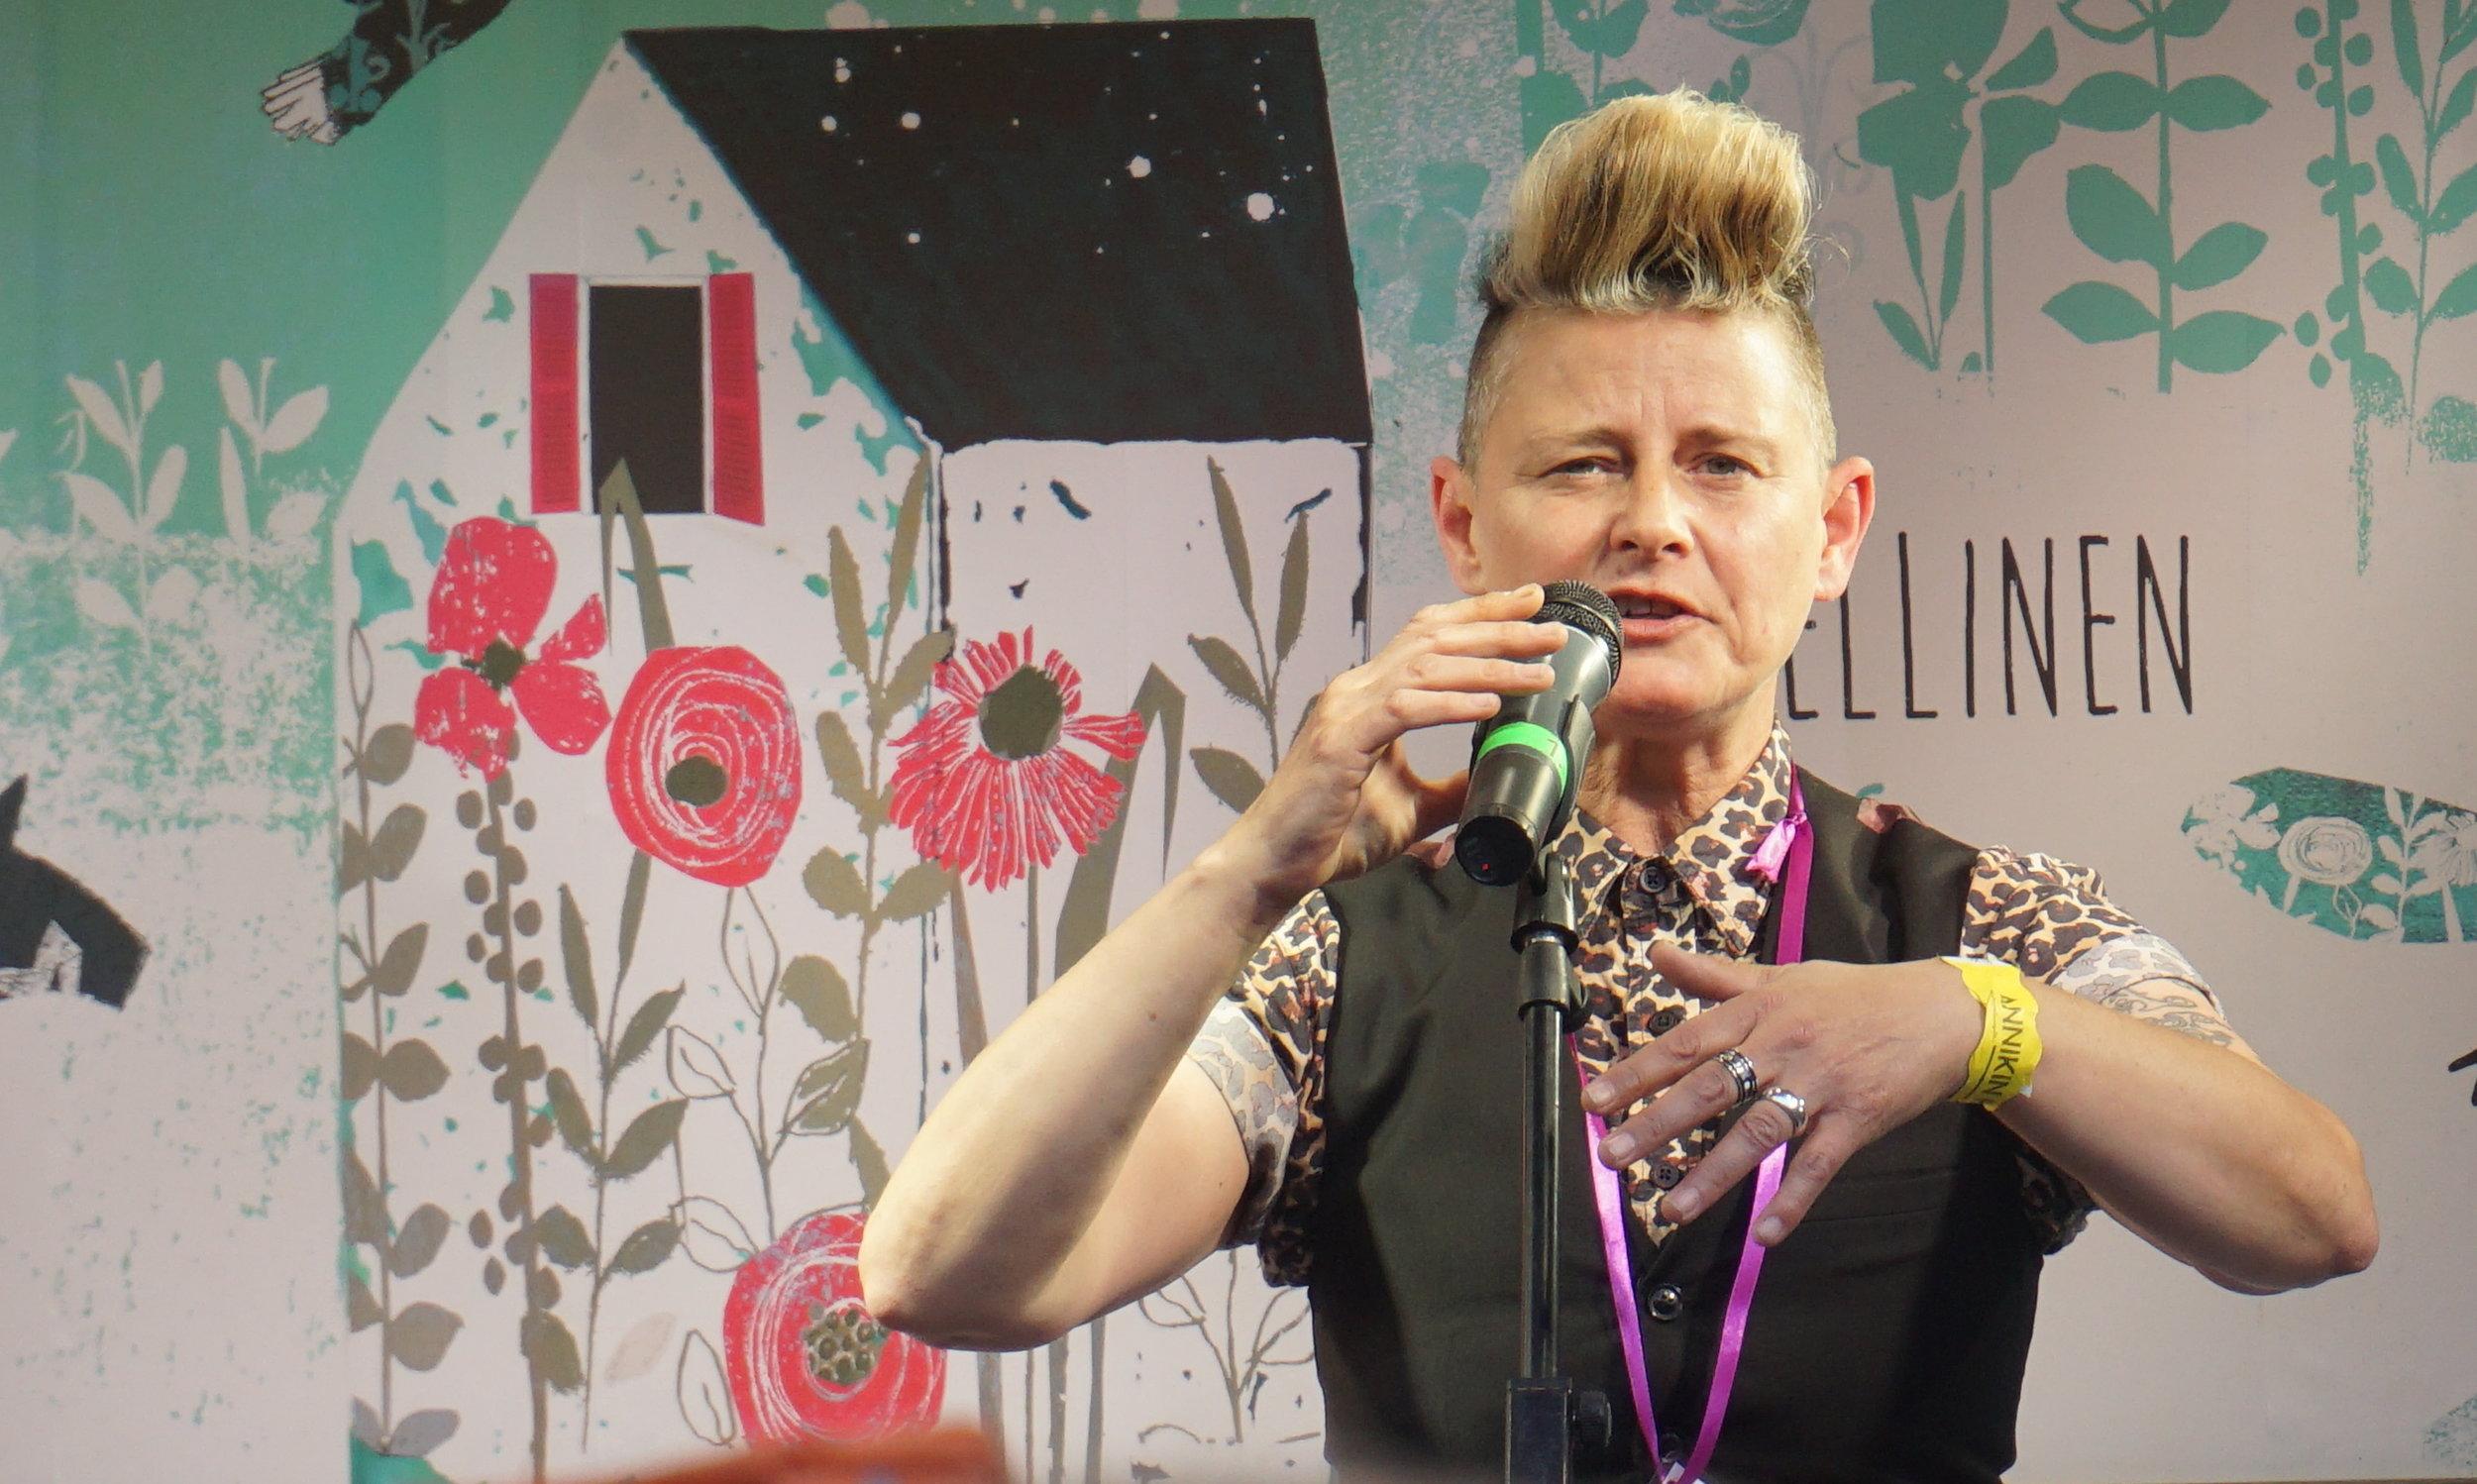 Todellin Spoken Word -taiteilija on brittiläinen Joelle Taylor, ääni ja sanat, joilla sitä ei ole. Osuvaa ja läpitunkevaa, sanoja täydentävää kehoilmaisua, aiemmin kokematonta.  #annikinrunofestivaali